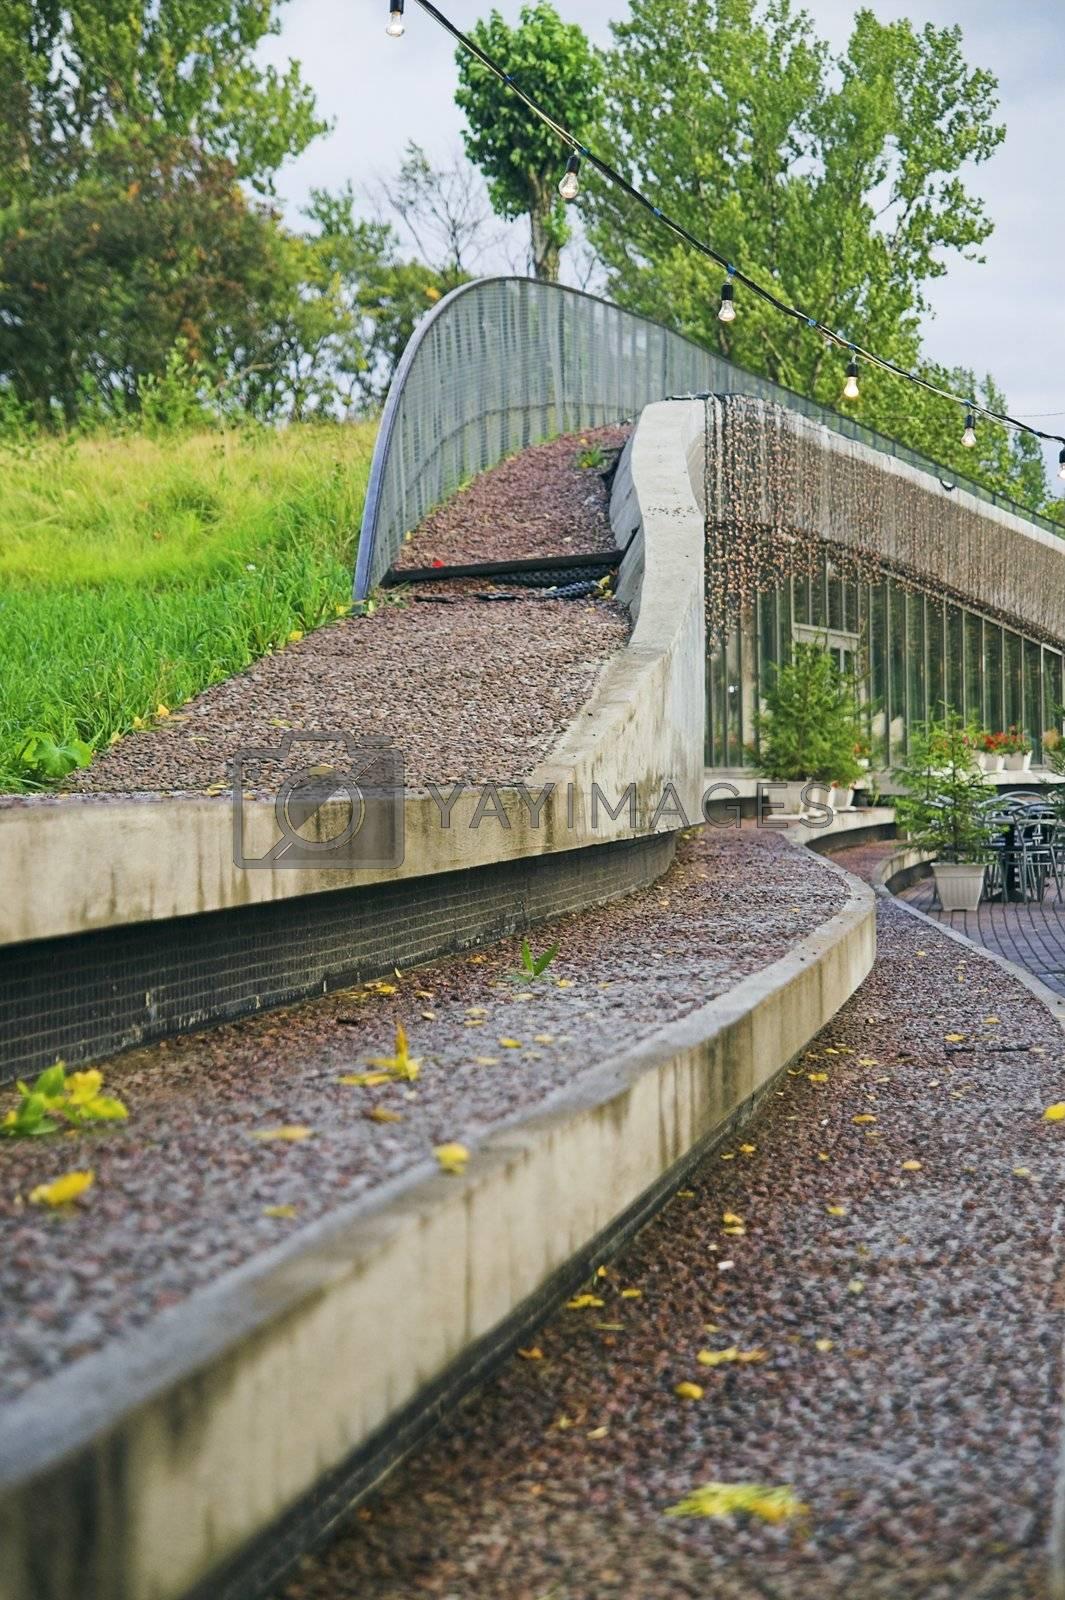 Entrance steps by simfan